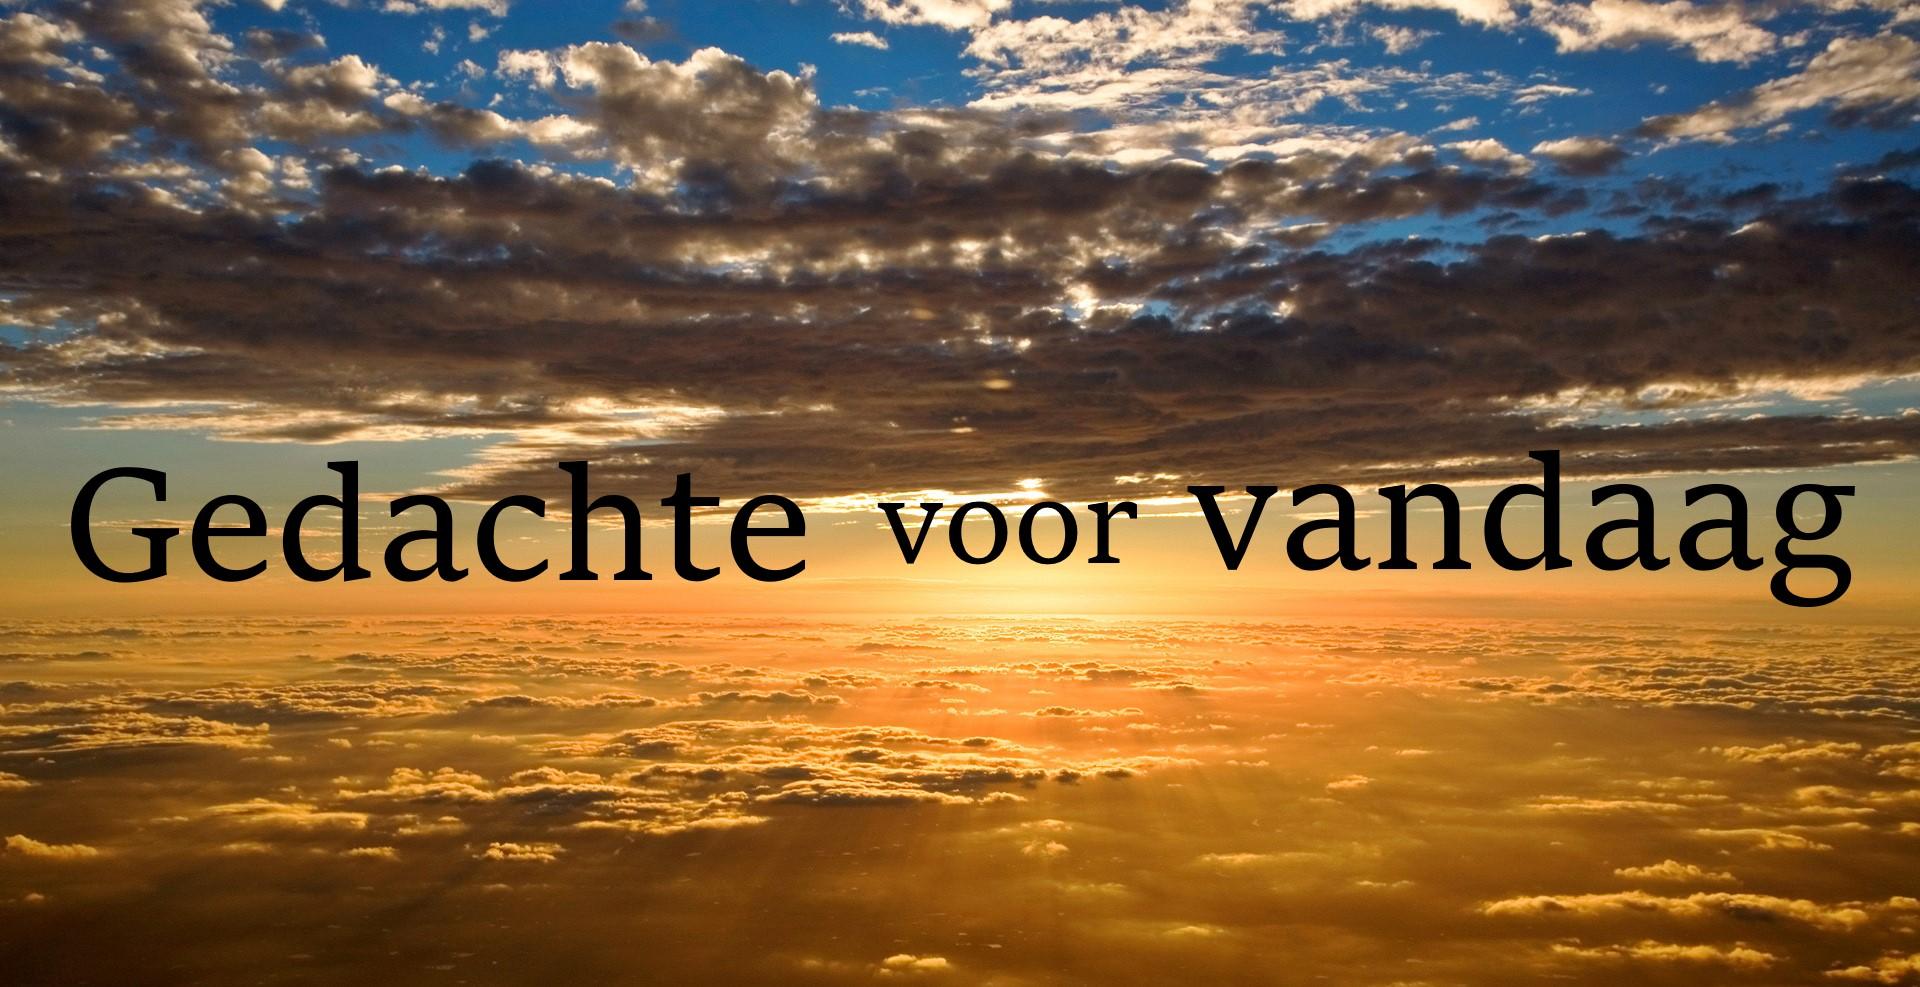 De gedachte van vandaag 'Gods naam en trouw bekendmaken zodat velen Jehovah komen loven' (20 februari)